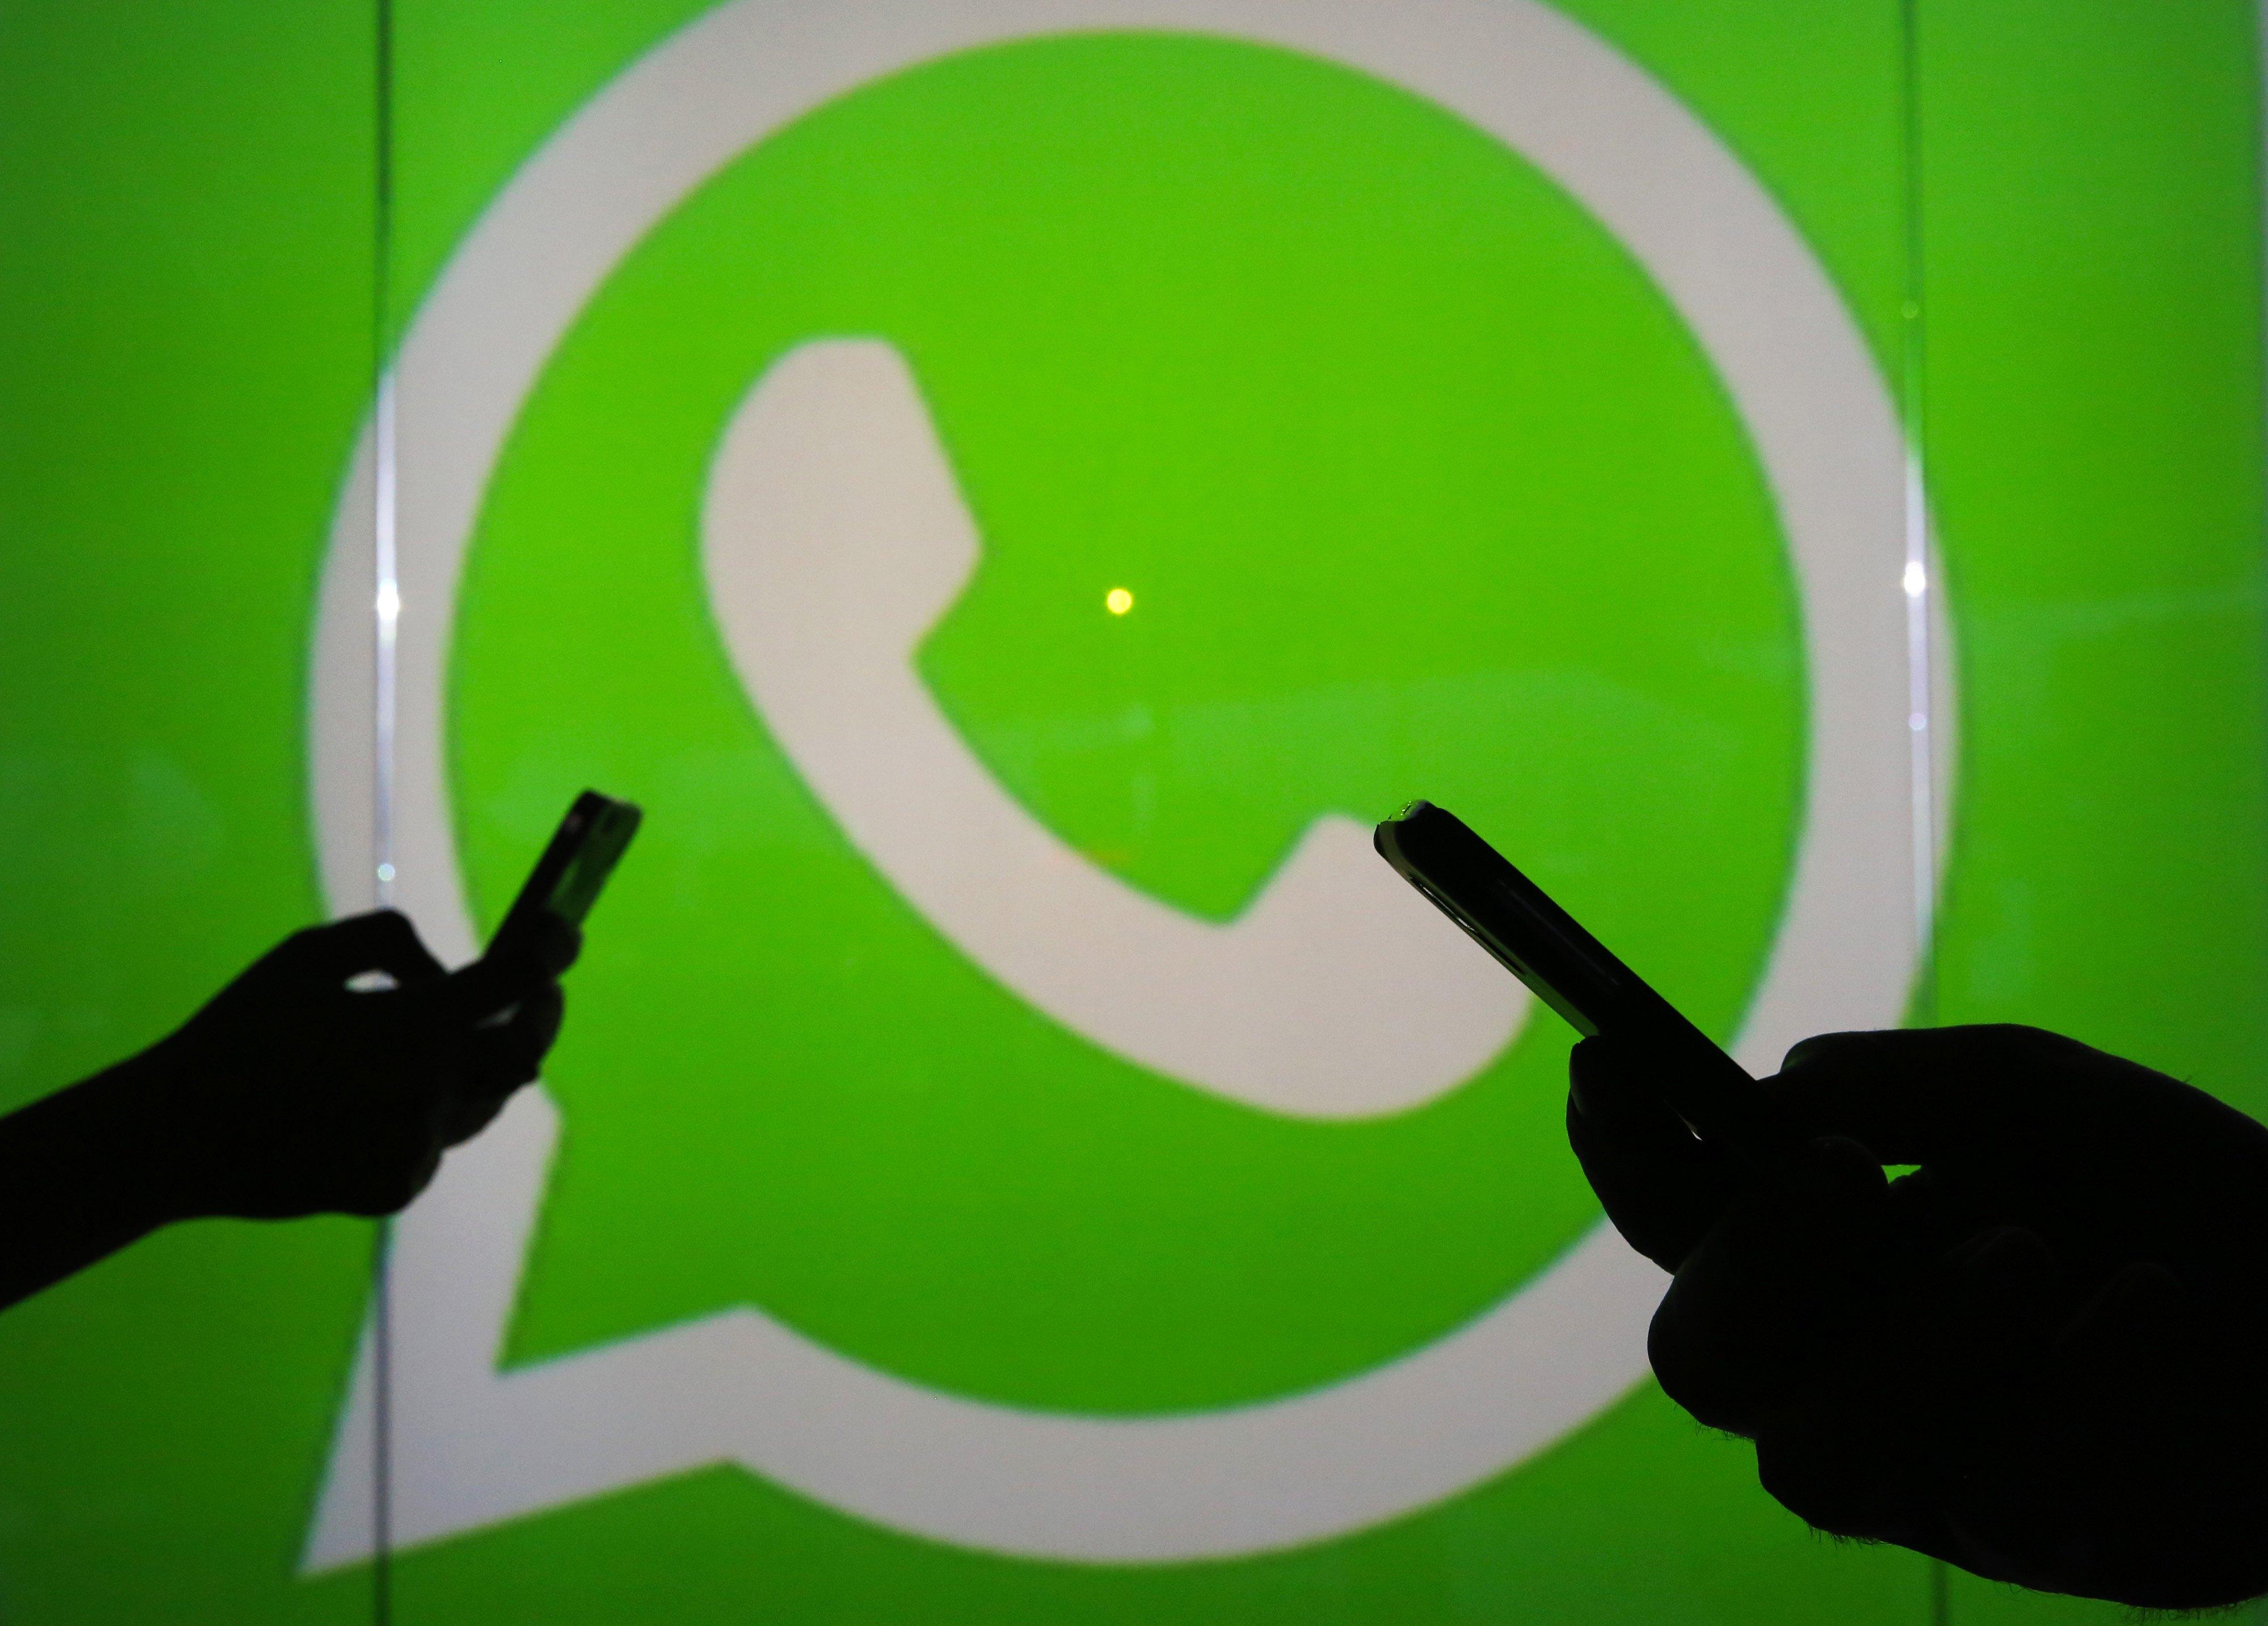 वाट्सऐप और सोशल मीडिया से वायरल होने वाली फर्जी खबरें रोकने के लिए समाज भी आगे आए